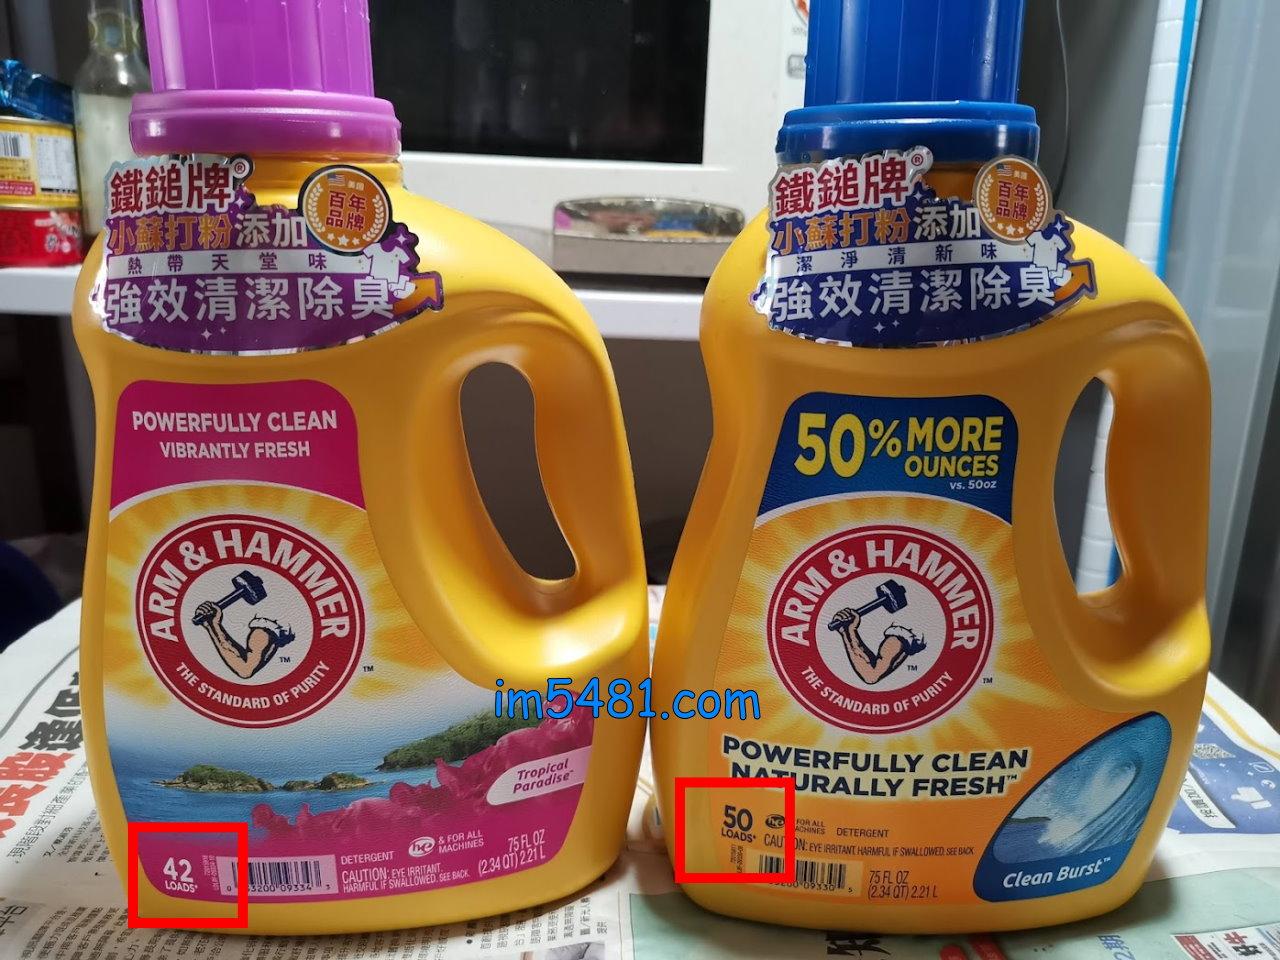 左邊 A&H鐵鎚牌小蘇打粉洗衣精-粉紅為熱帶天堂味,標示42 Loads; 右邊 A&H鐵鎚牌小蘇打粉洗衣精-藍色為潔淨清新味,標示50 Loads。